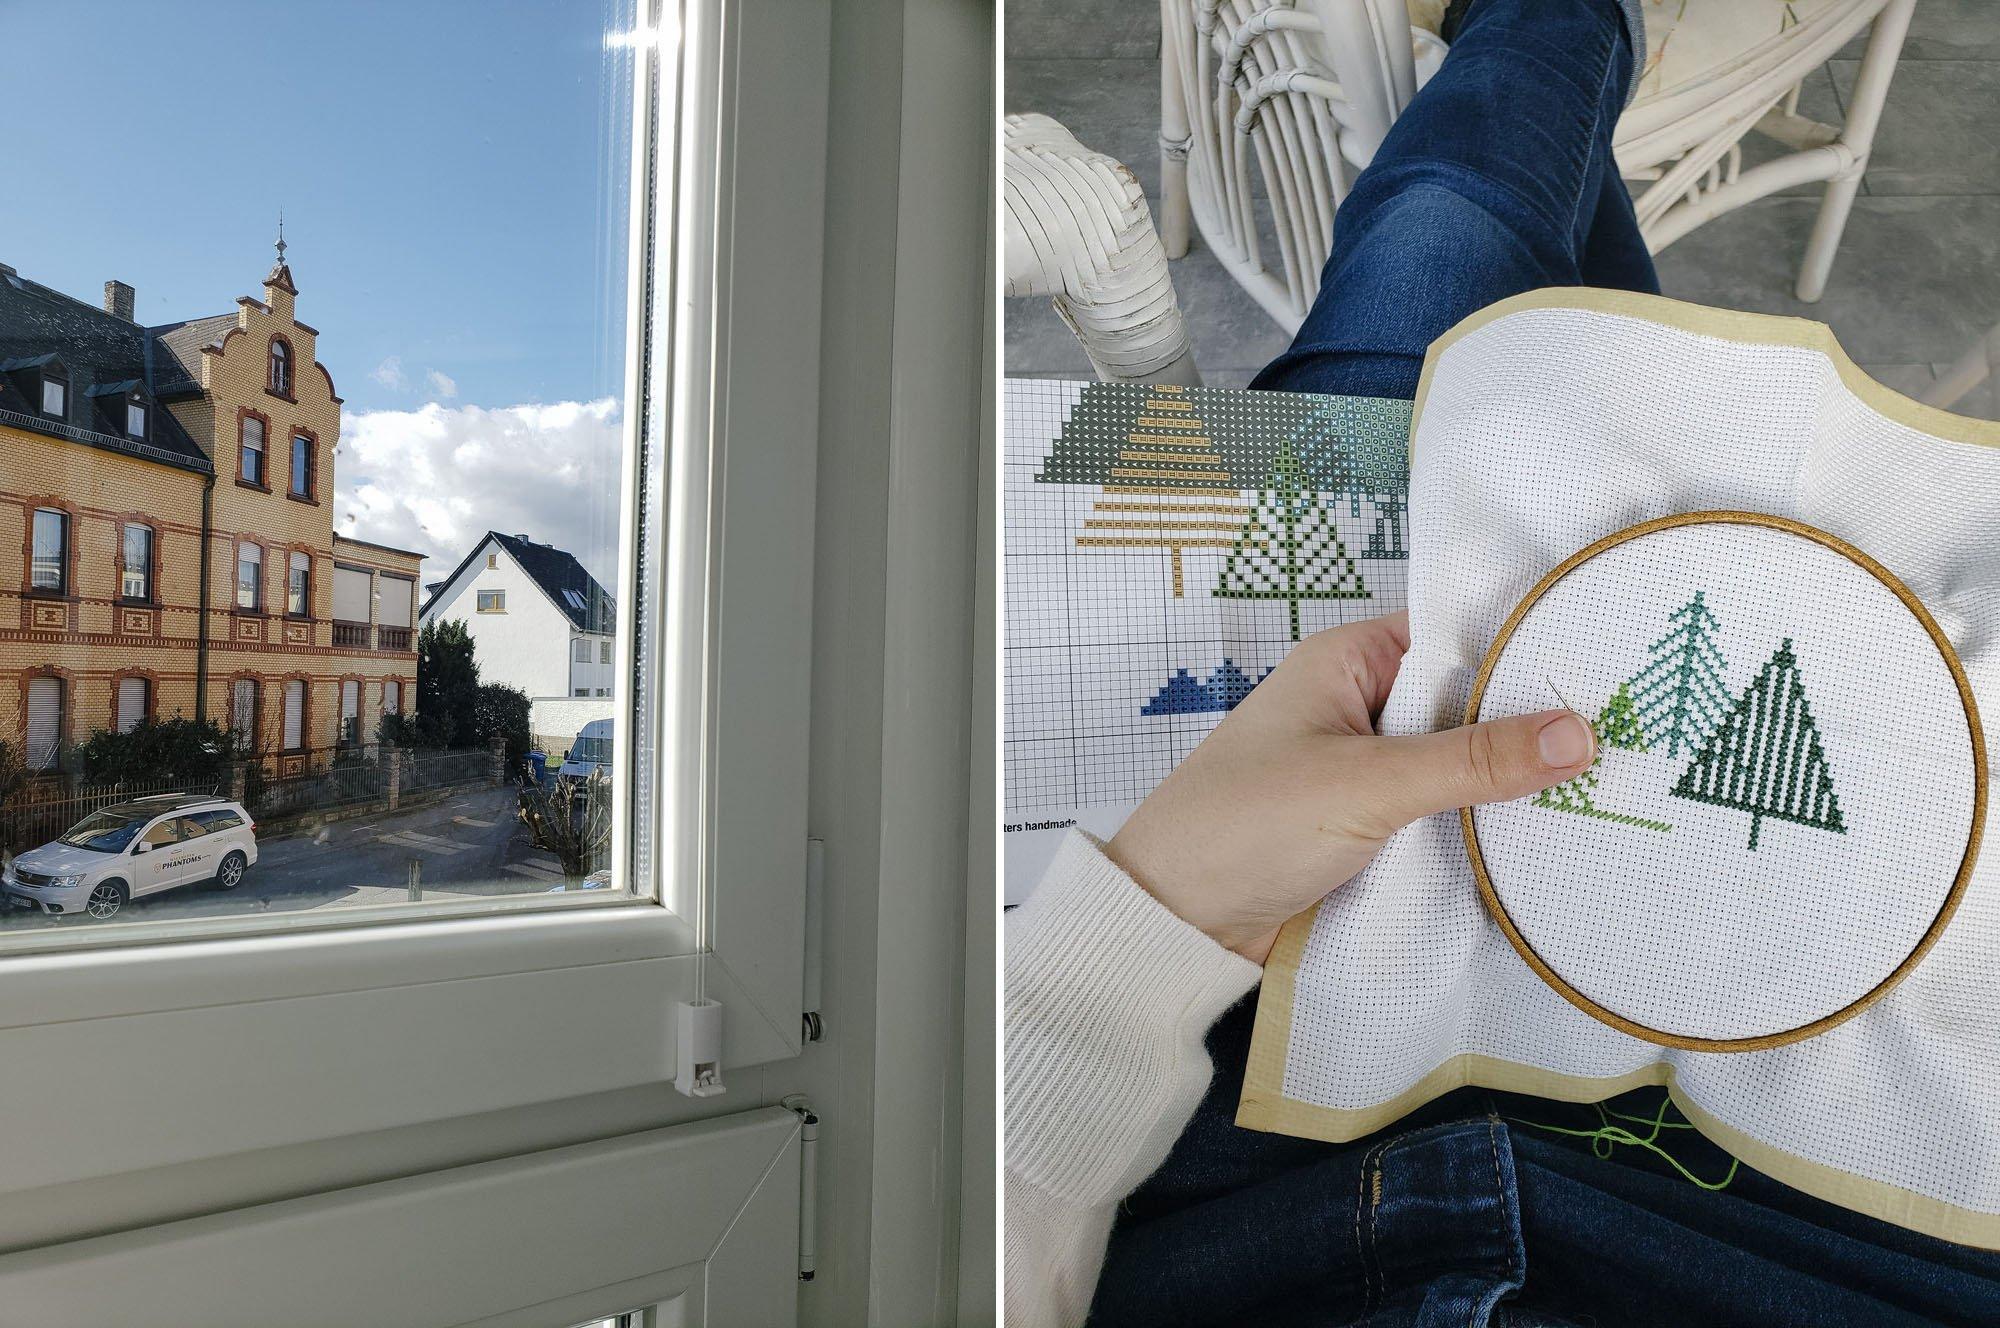 Eltville am Rhein // Modern Cross Stitch